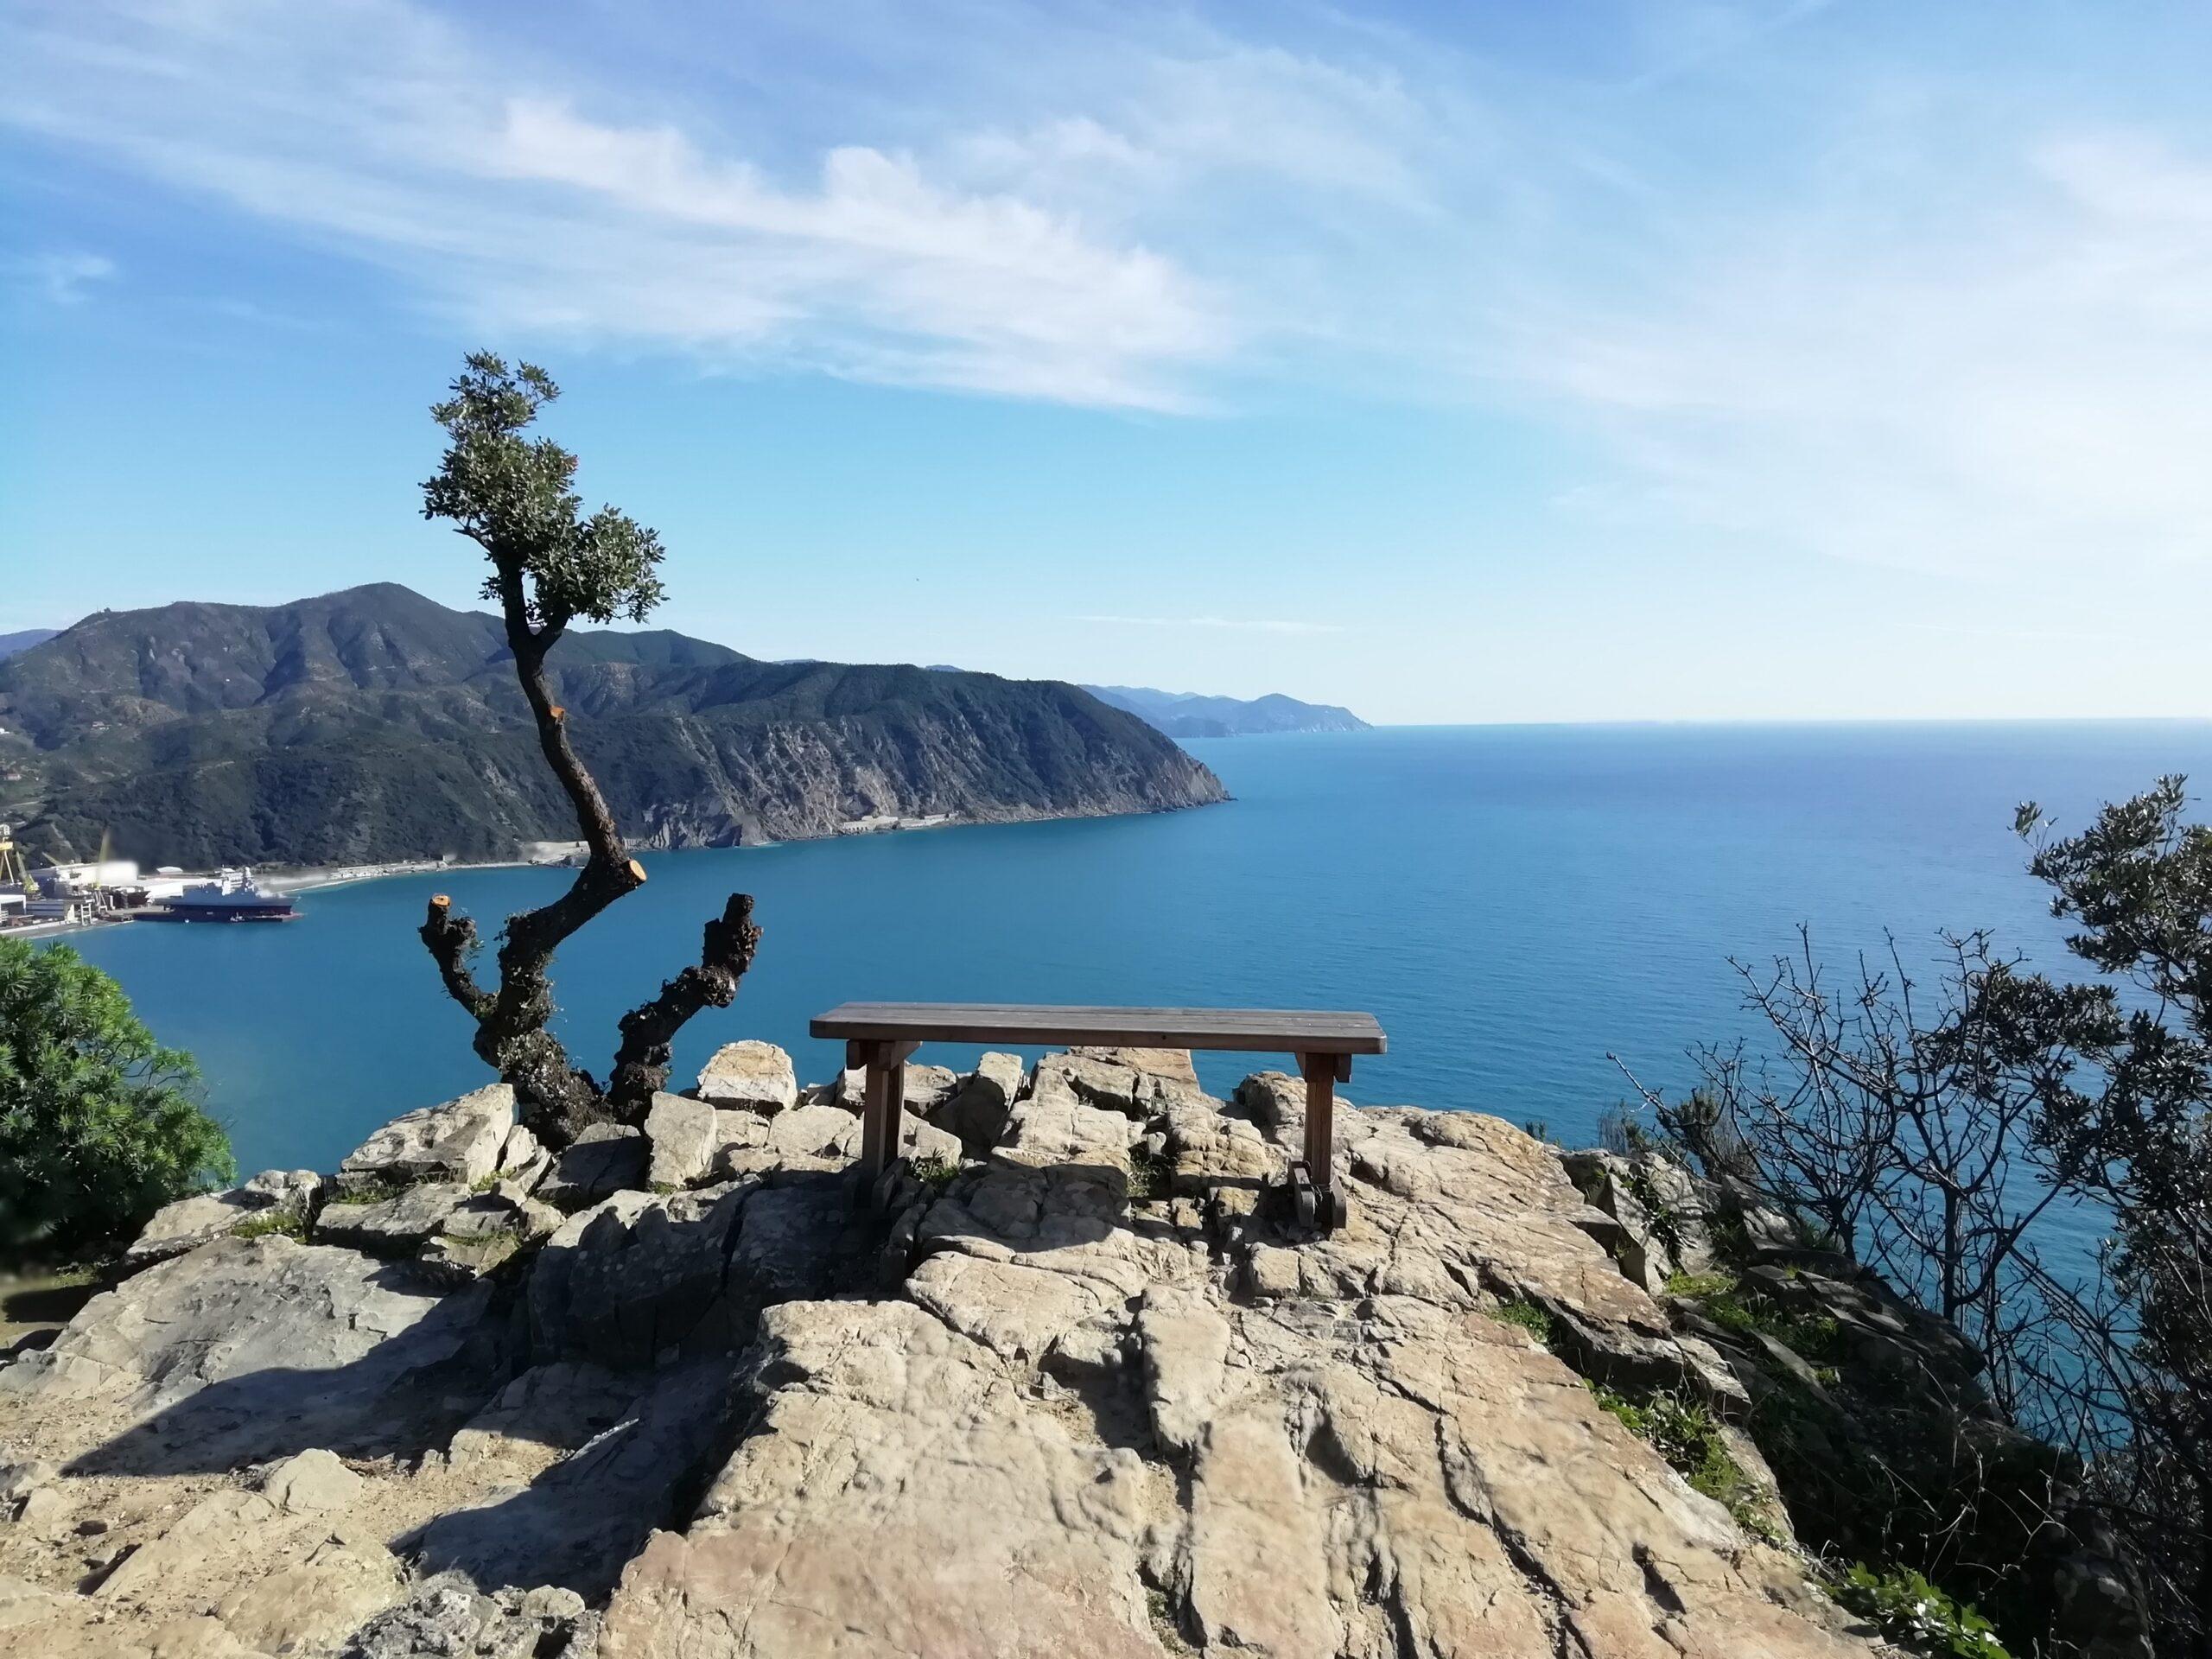 Escursioni e visite giornaliere Liguria | Naturatour